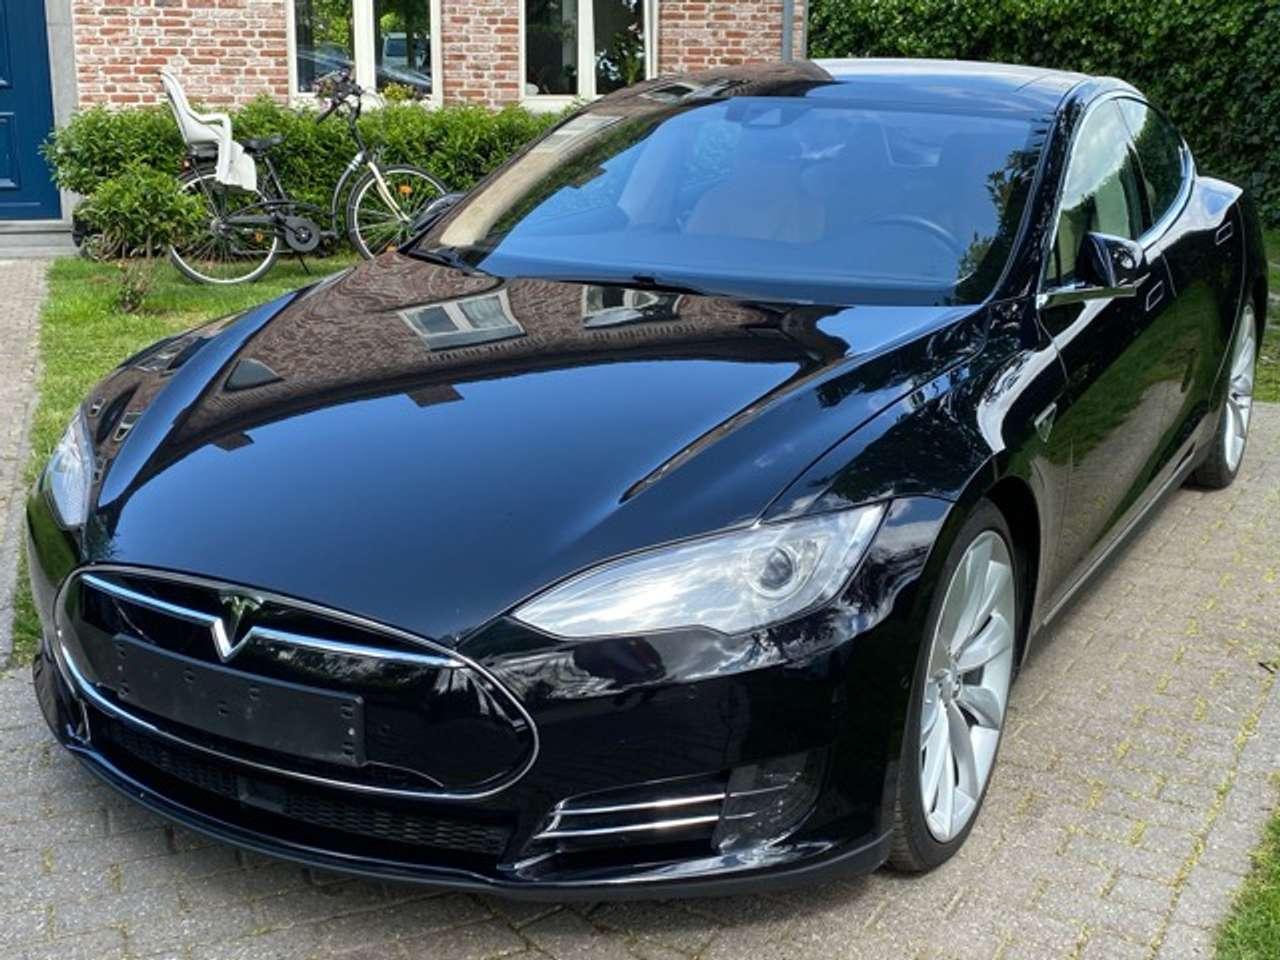 Tesla Model S 70D Dual Motor-Autopilot- Panorama- Next Gen Seats 4/15